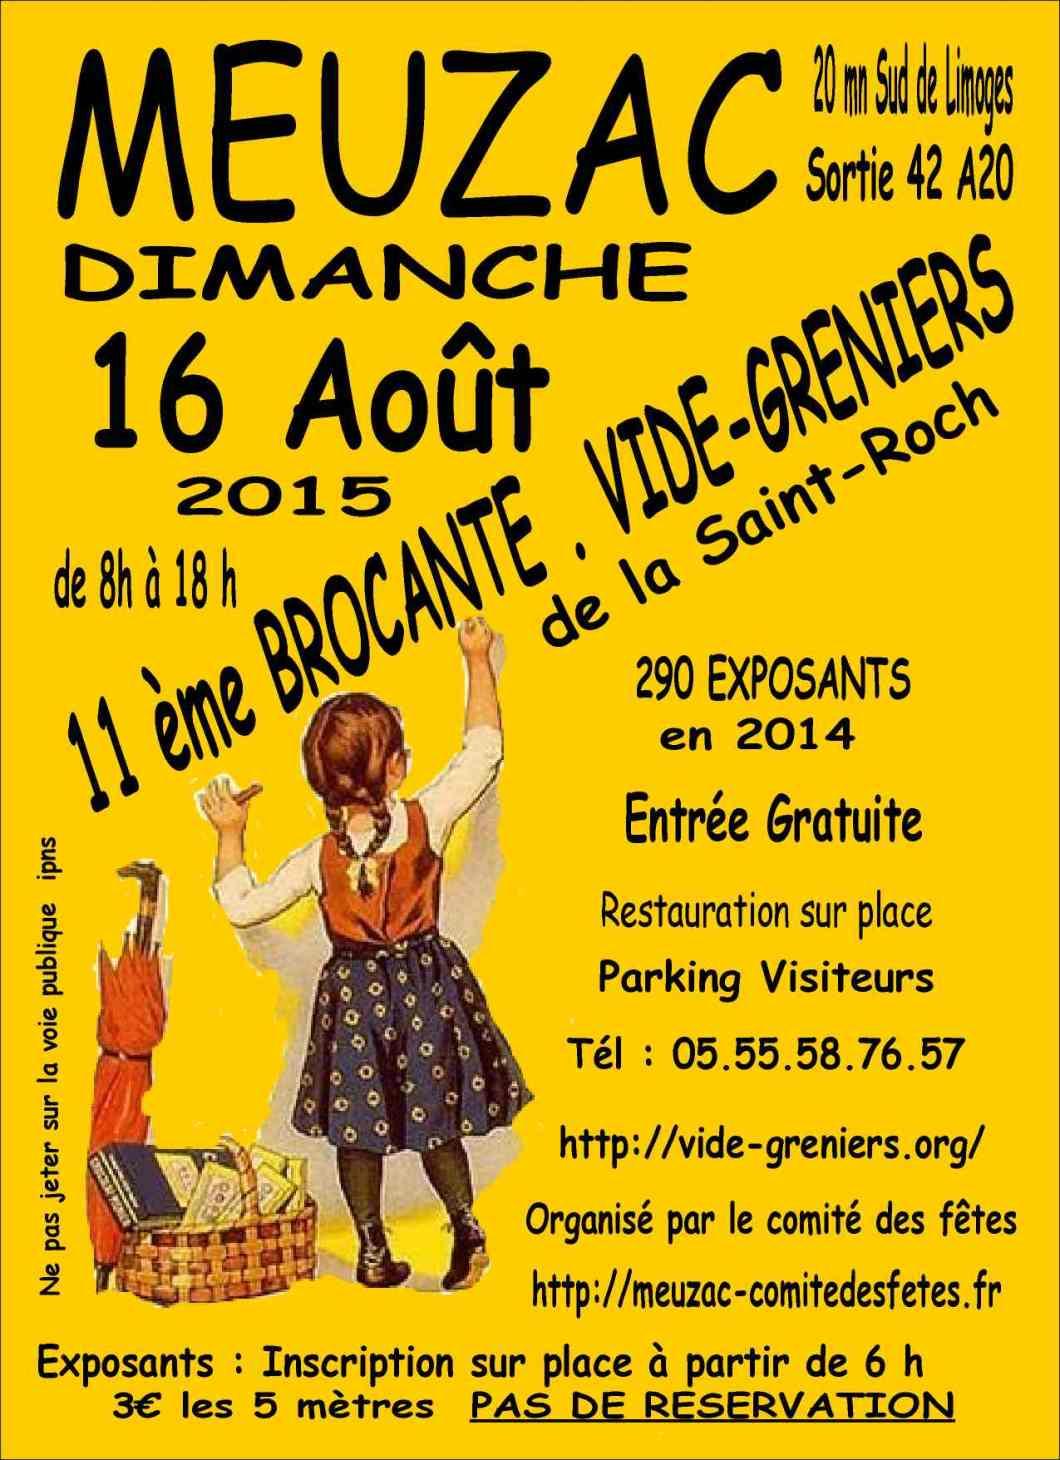 Affiche du vide grenier organisé le 16 août 2015 dans la commune de Meuzac, en Haute vienne (87).